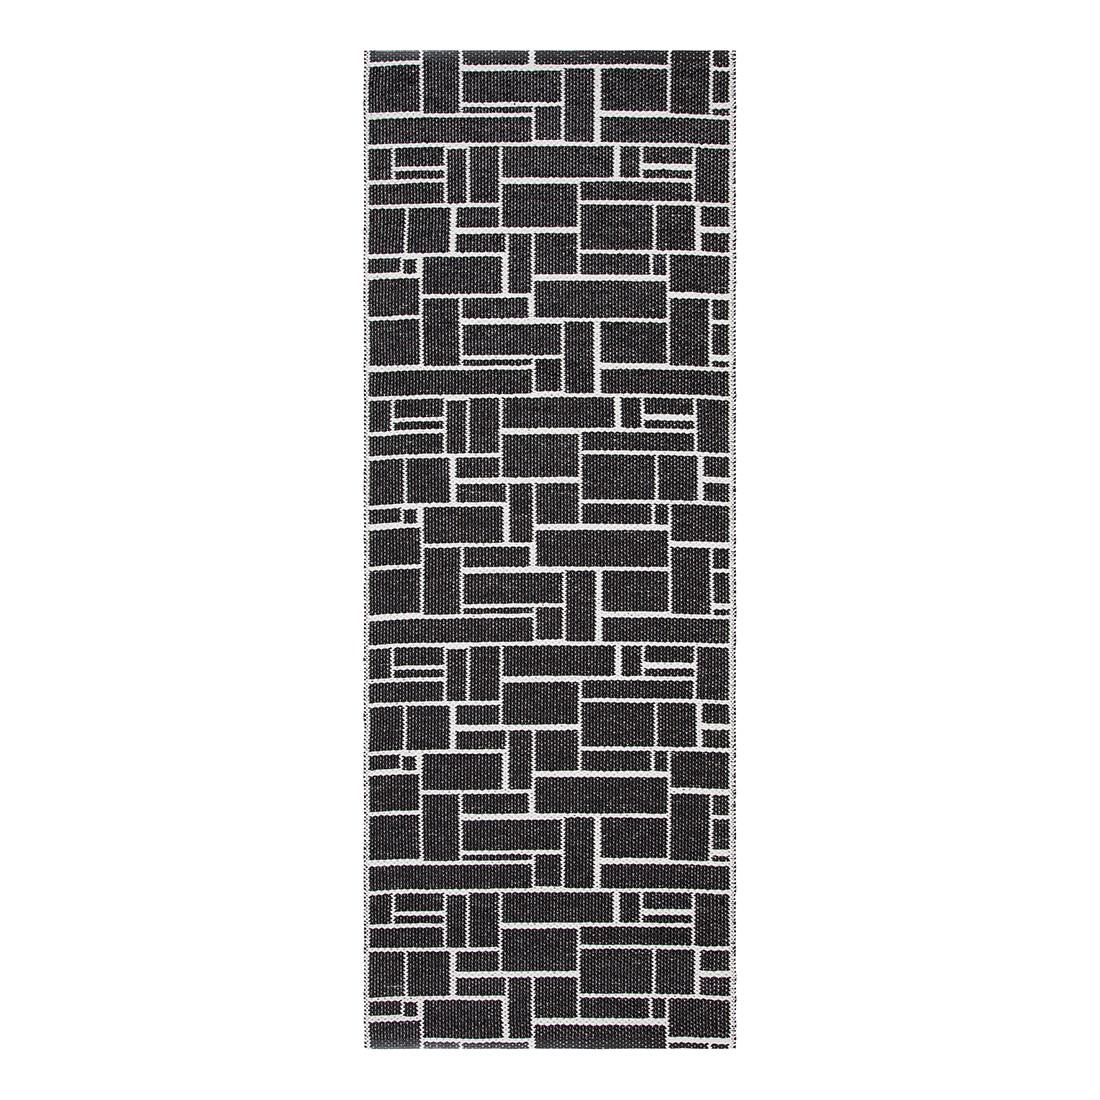 In-/Outdoorteppich Dama I – Kunstfaser Schwarz/Weiß – 60 x 160 cm, Swedy kaufen